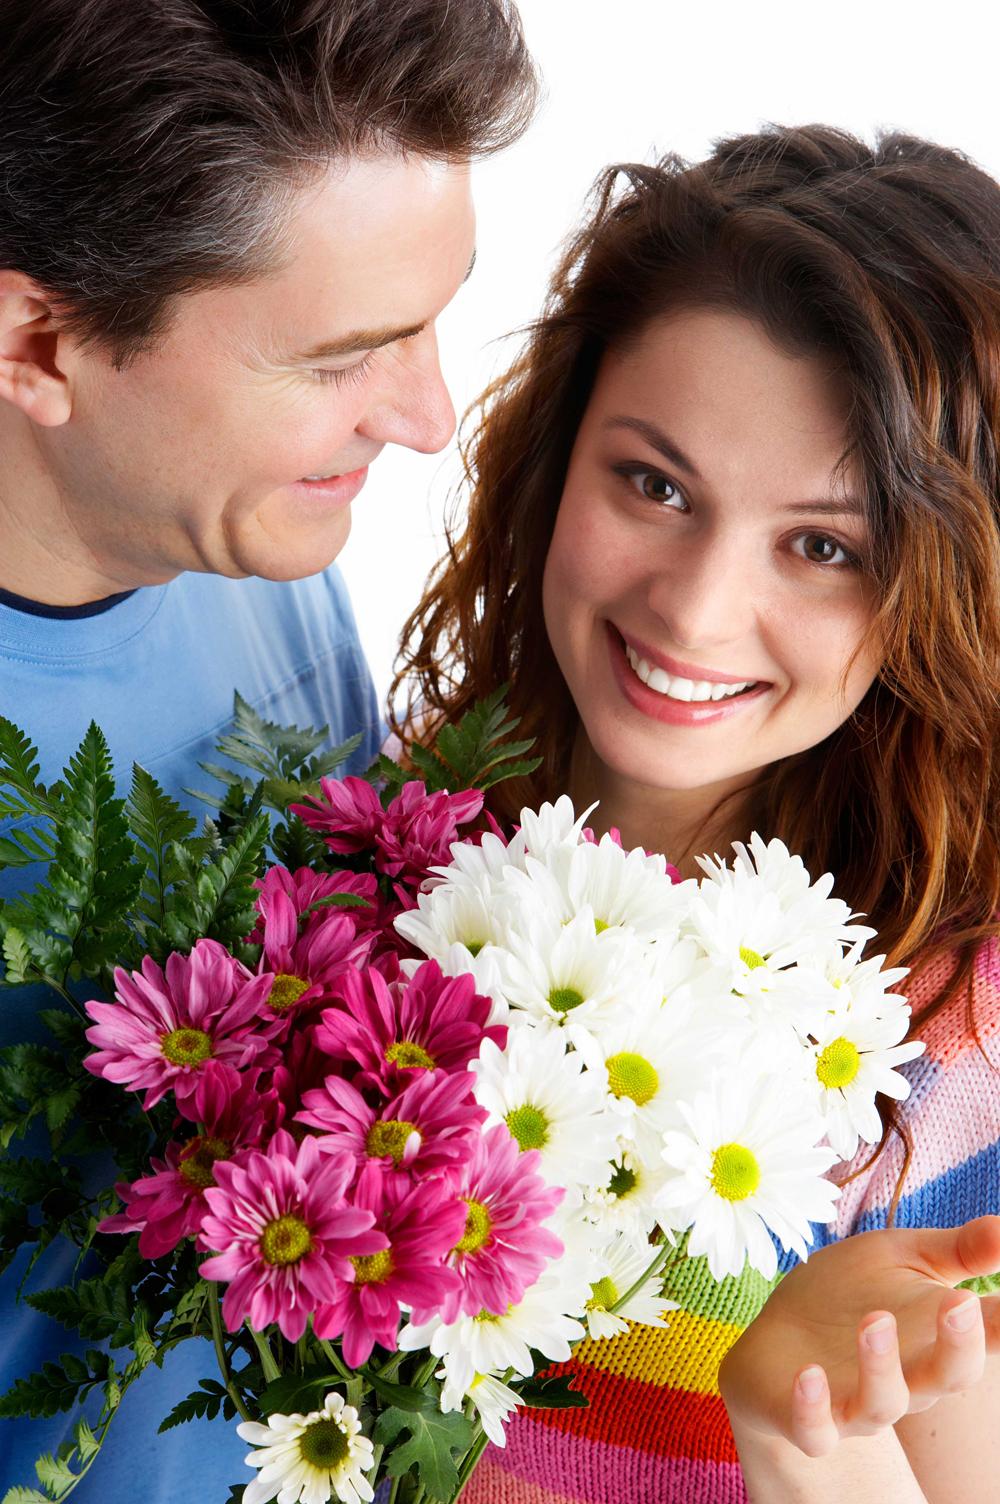 Цветы картинки с парой